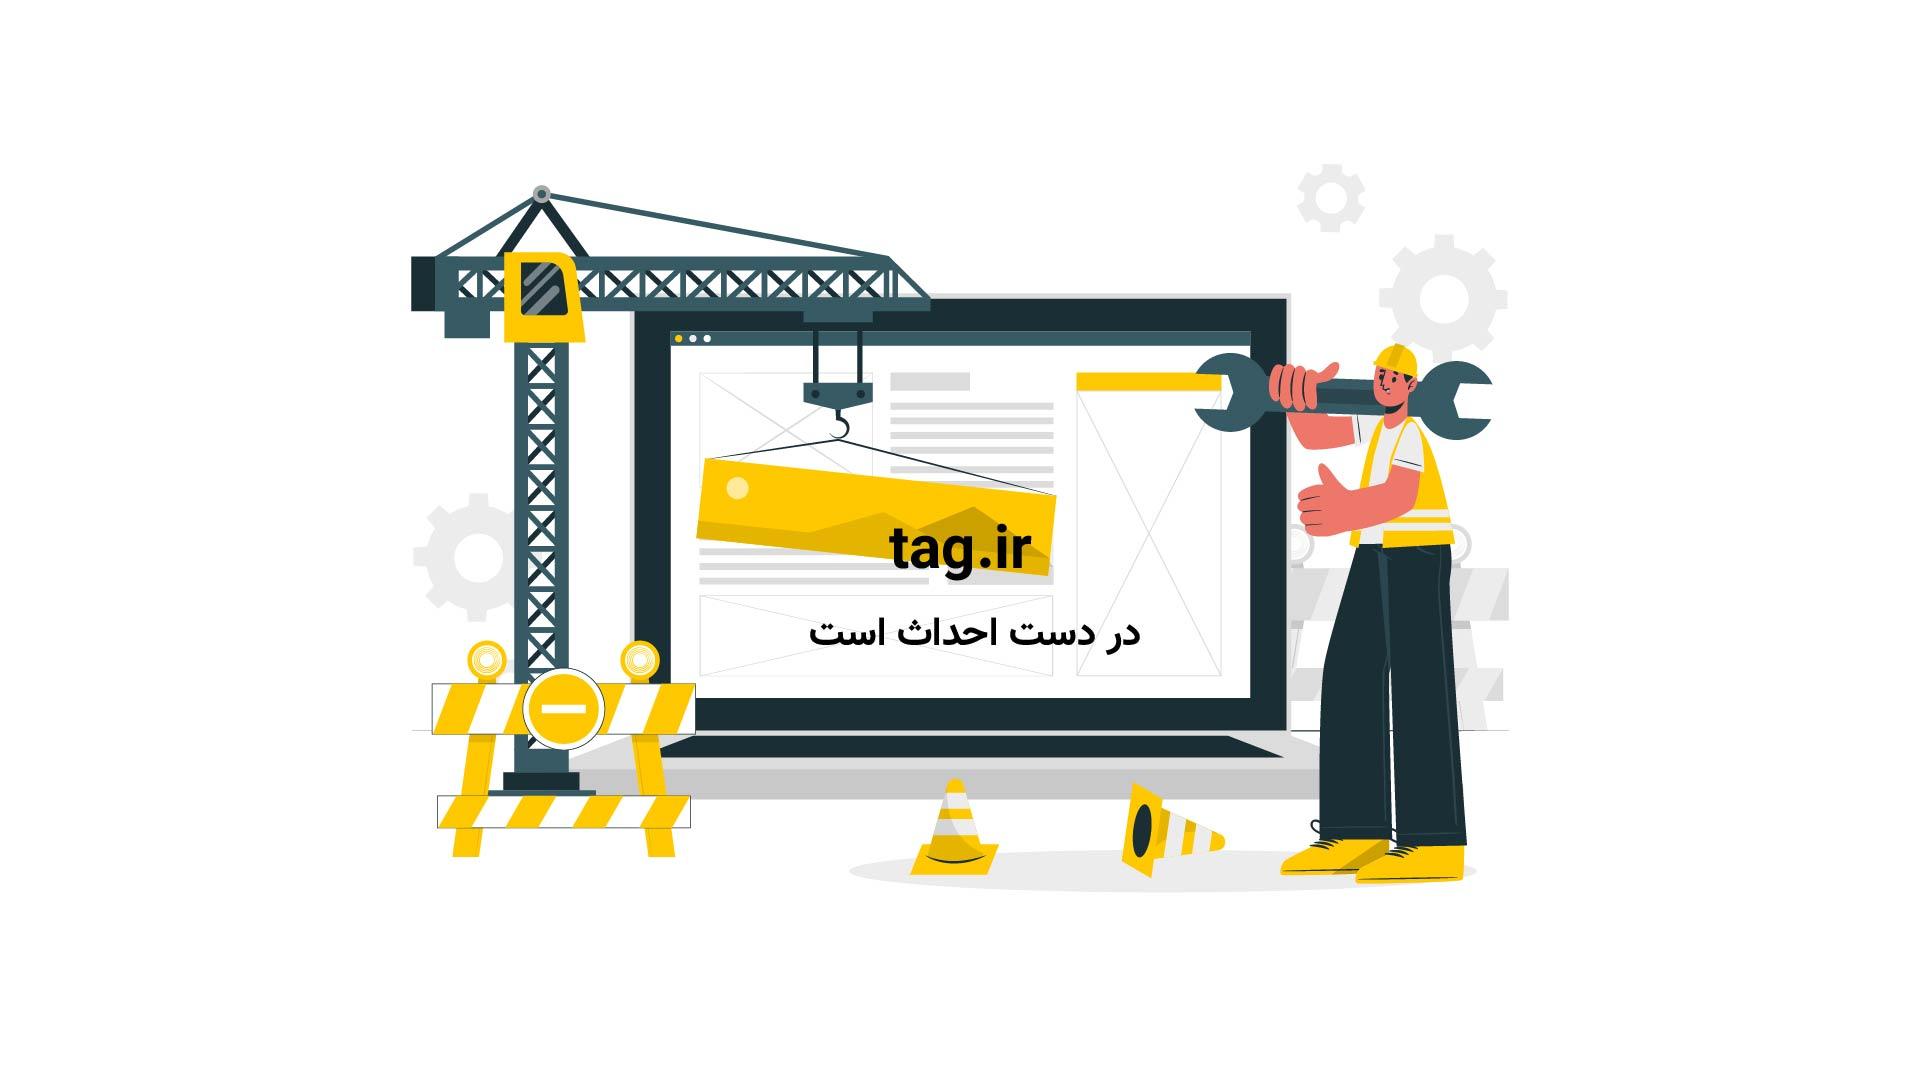 عناوین روزنامههای ورزشی یکشنبه ۲ مهر | فیلم